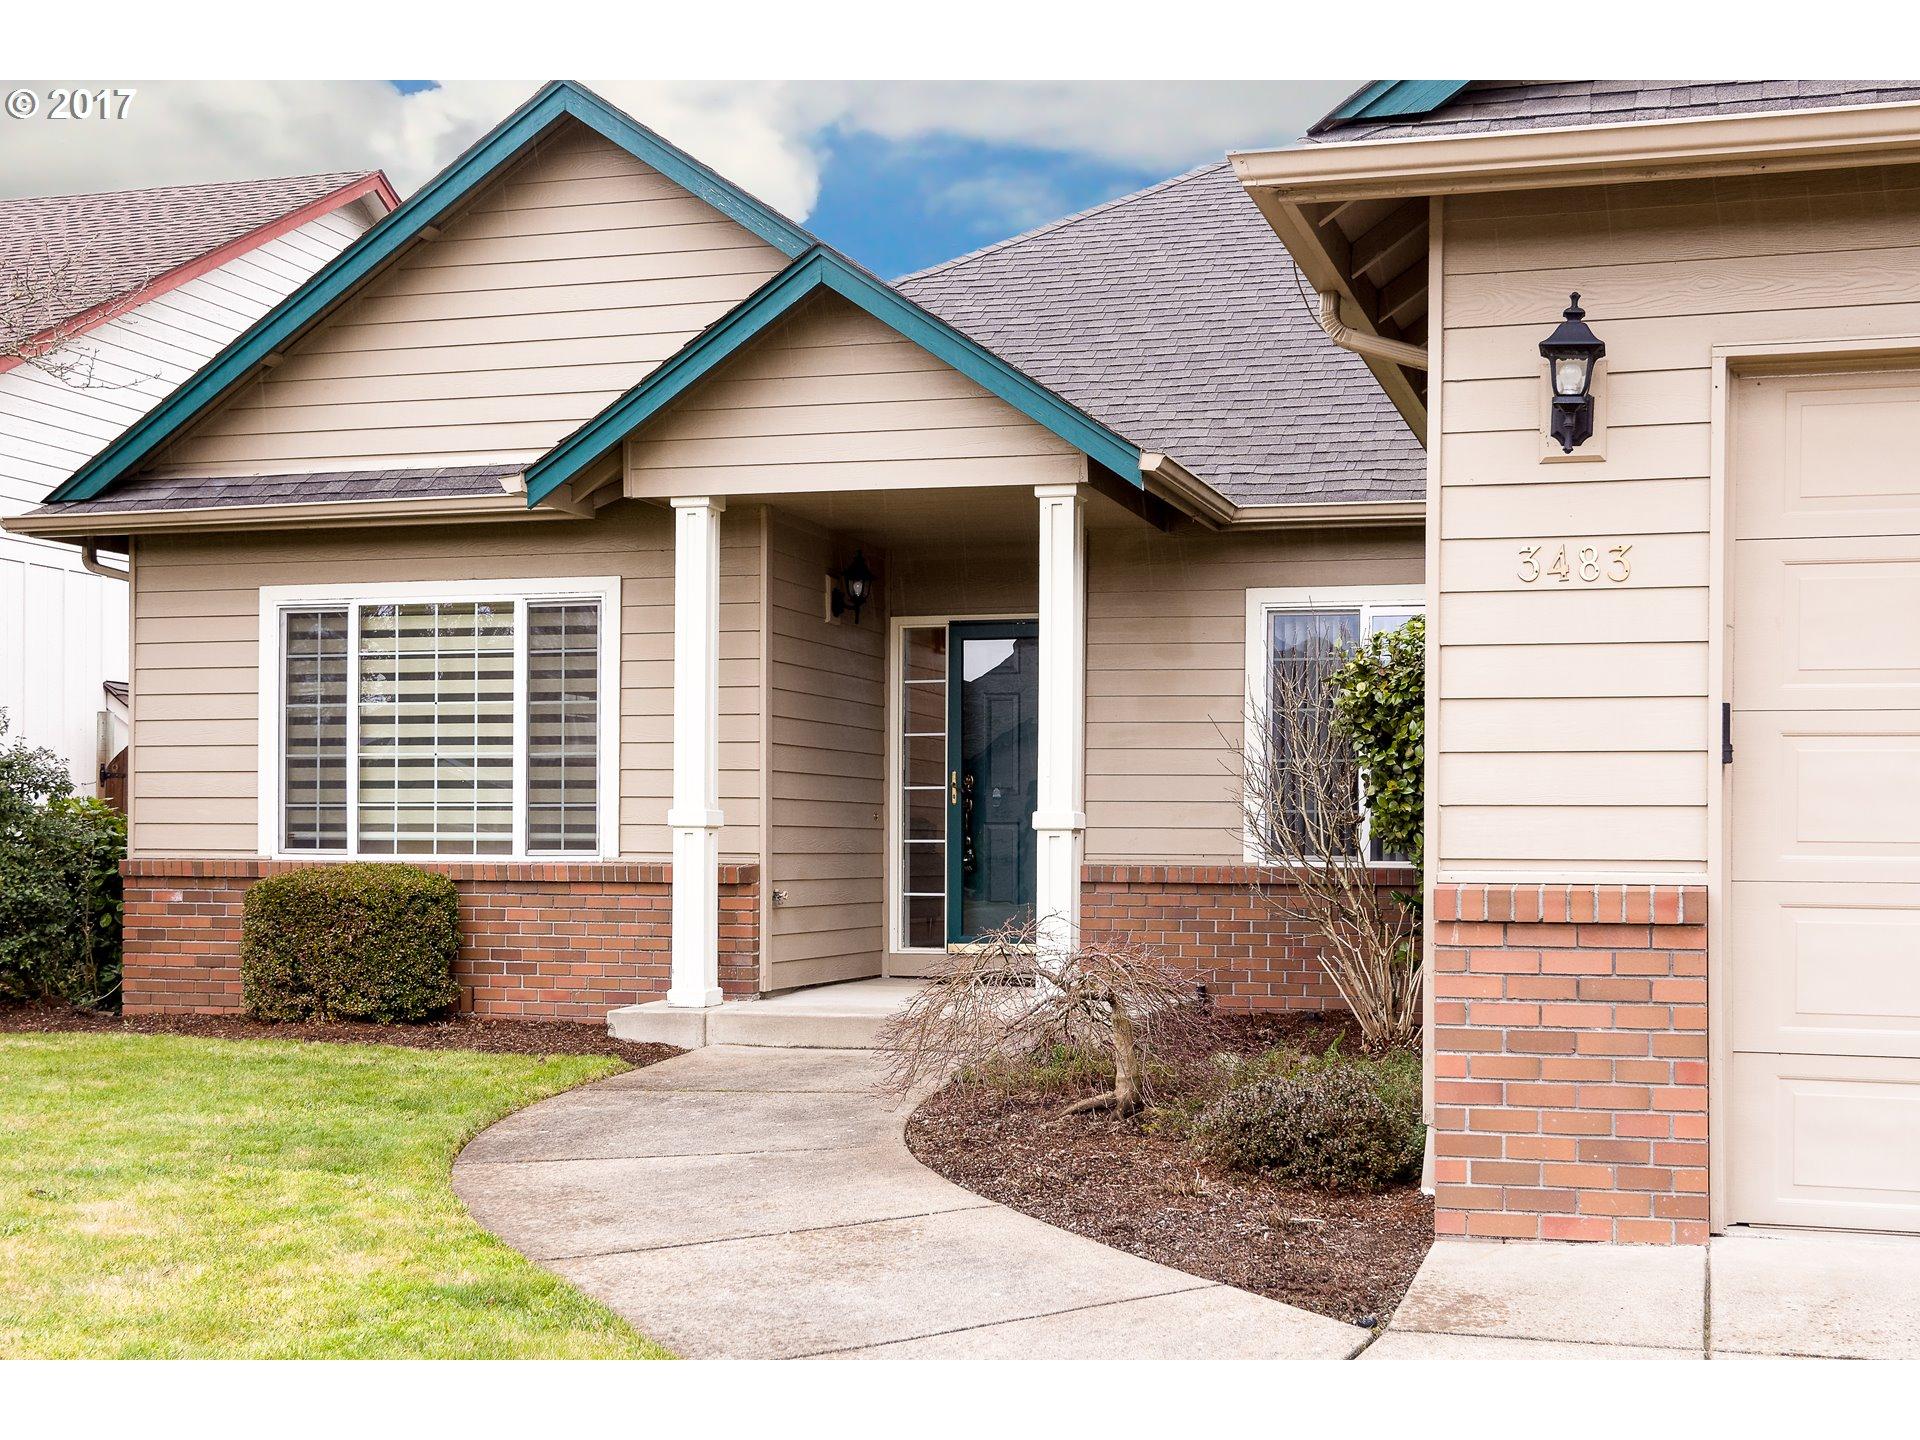 3483 QUAIL RIDGE LN, Eugene, OR 97404